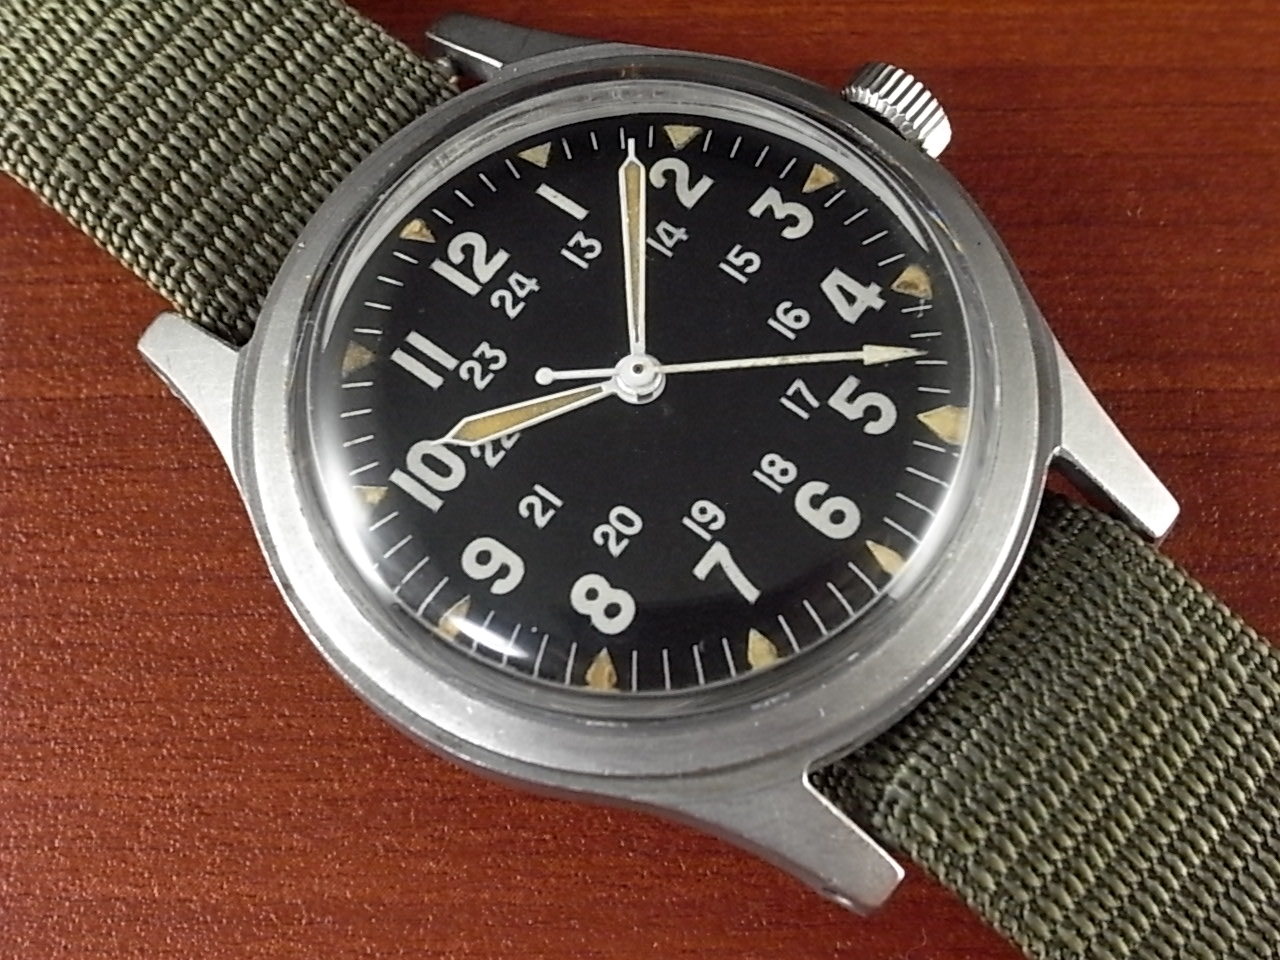 ハミルトン 米軍 GG-W-113 ベトナム戦争 1960年代のメイン写真